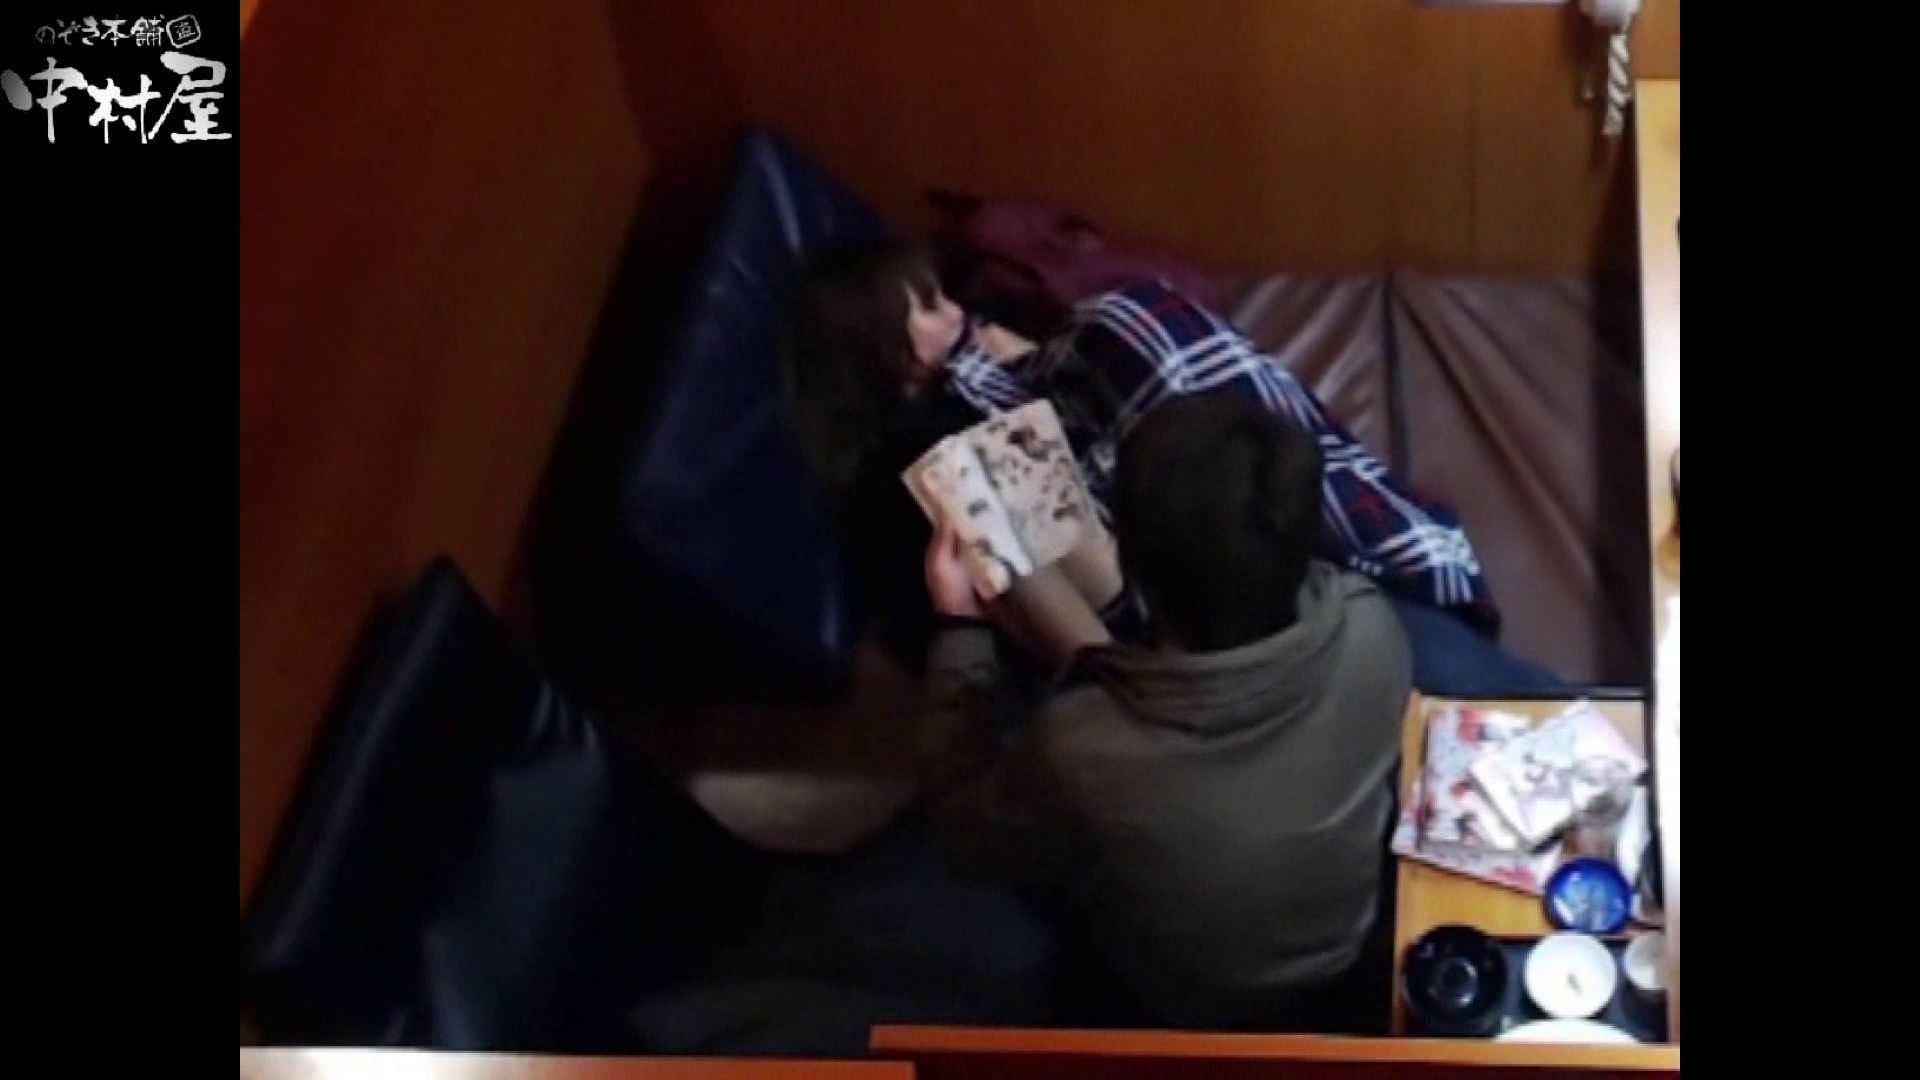 ネットカフェ盗撮師トロントさんの 素人カップル盗撮記vol.4 ギャルのおっぱい われめAV動画紹介 102連発 70